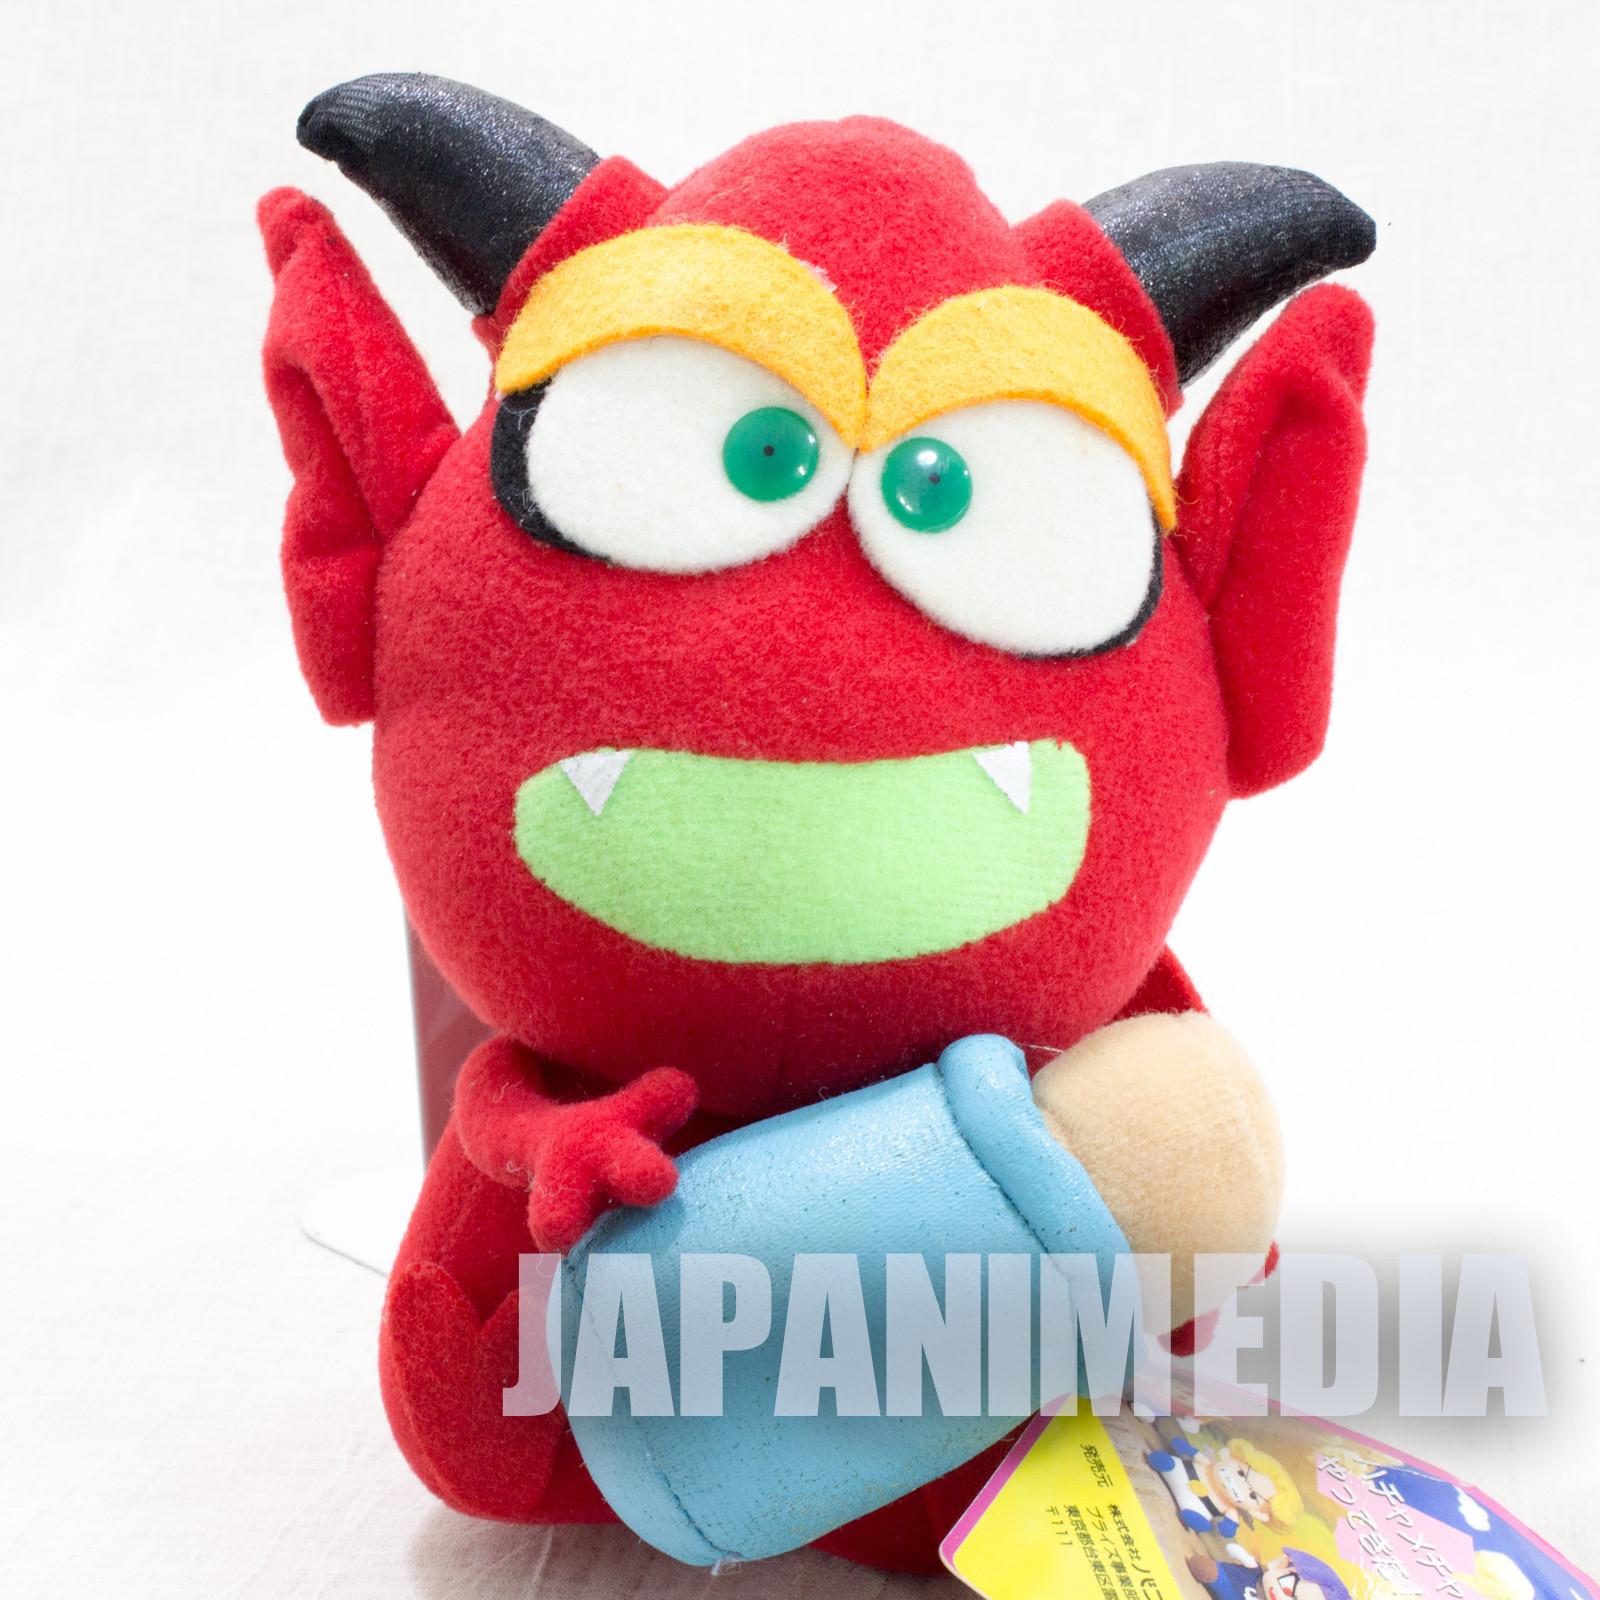 Go! Go! Ackman GORDON Plush Doll V-JUMP Toriyama Akira JAPAN ANIME MANGA